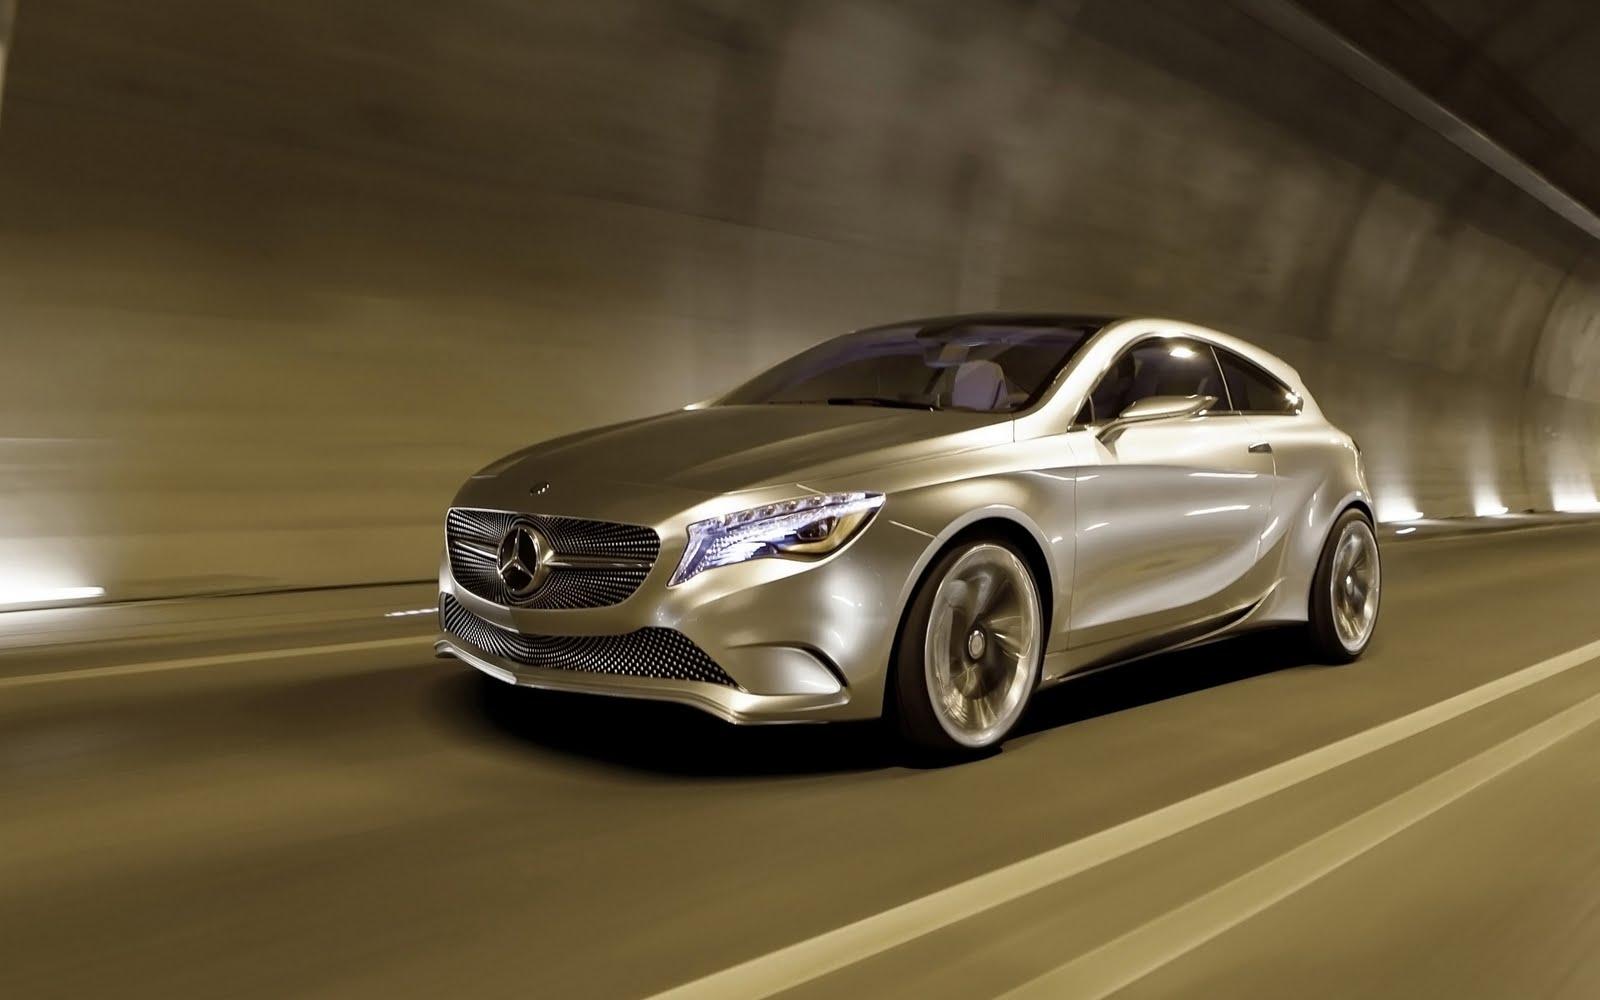 Descargar 1024x1024 Coches Vehículos Automóviles: BANCO DE IMÁGENES: Conceptos De Autos Que Van Más Allá